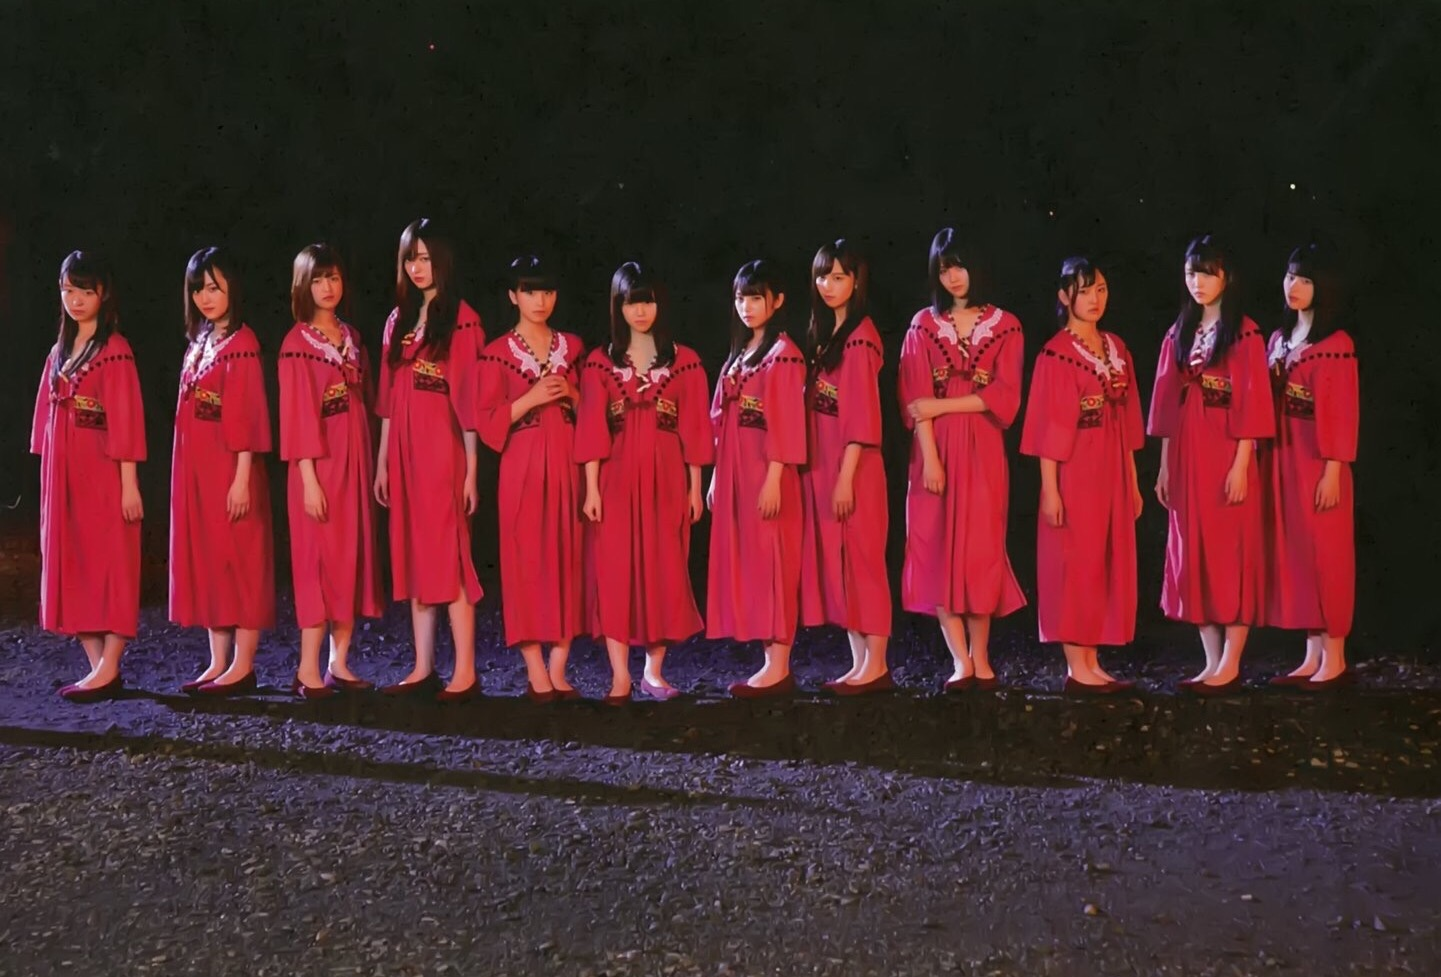 【エンタメ画像】【乃木坂46】3期生新曲『オレの衝動』伊藤理々杏がセンター★面白いフォーメーションだね